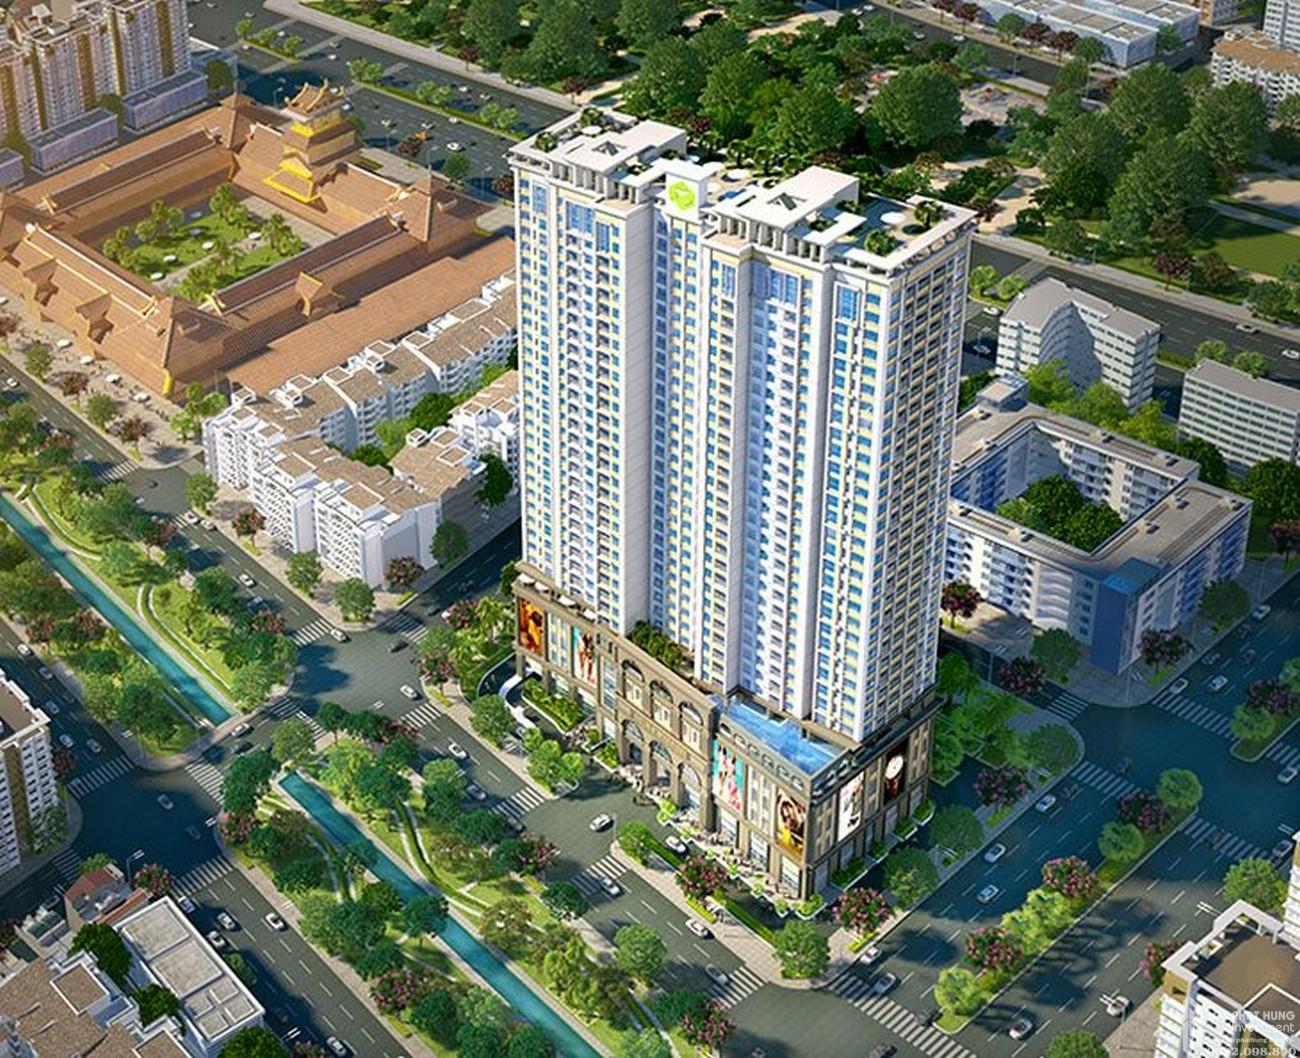 Cho thuê dự án căn hộ chung cư Lucky Palace Quận 6 Đường 50 Phan Văn Khỏe chủ đầu tư Novaland